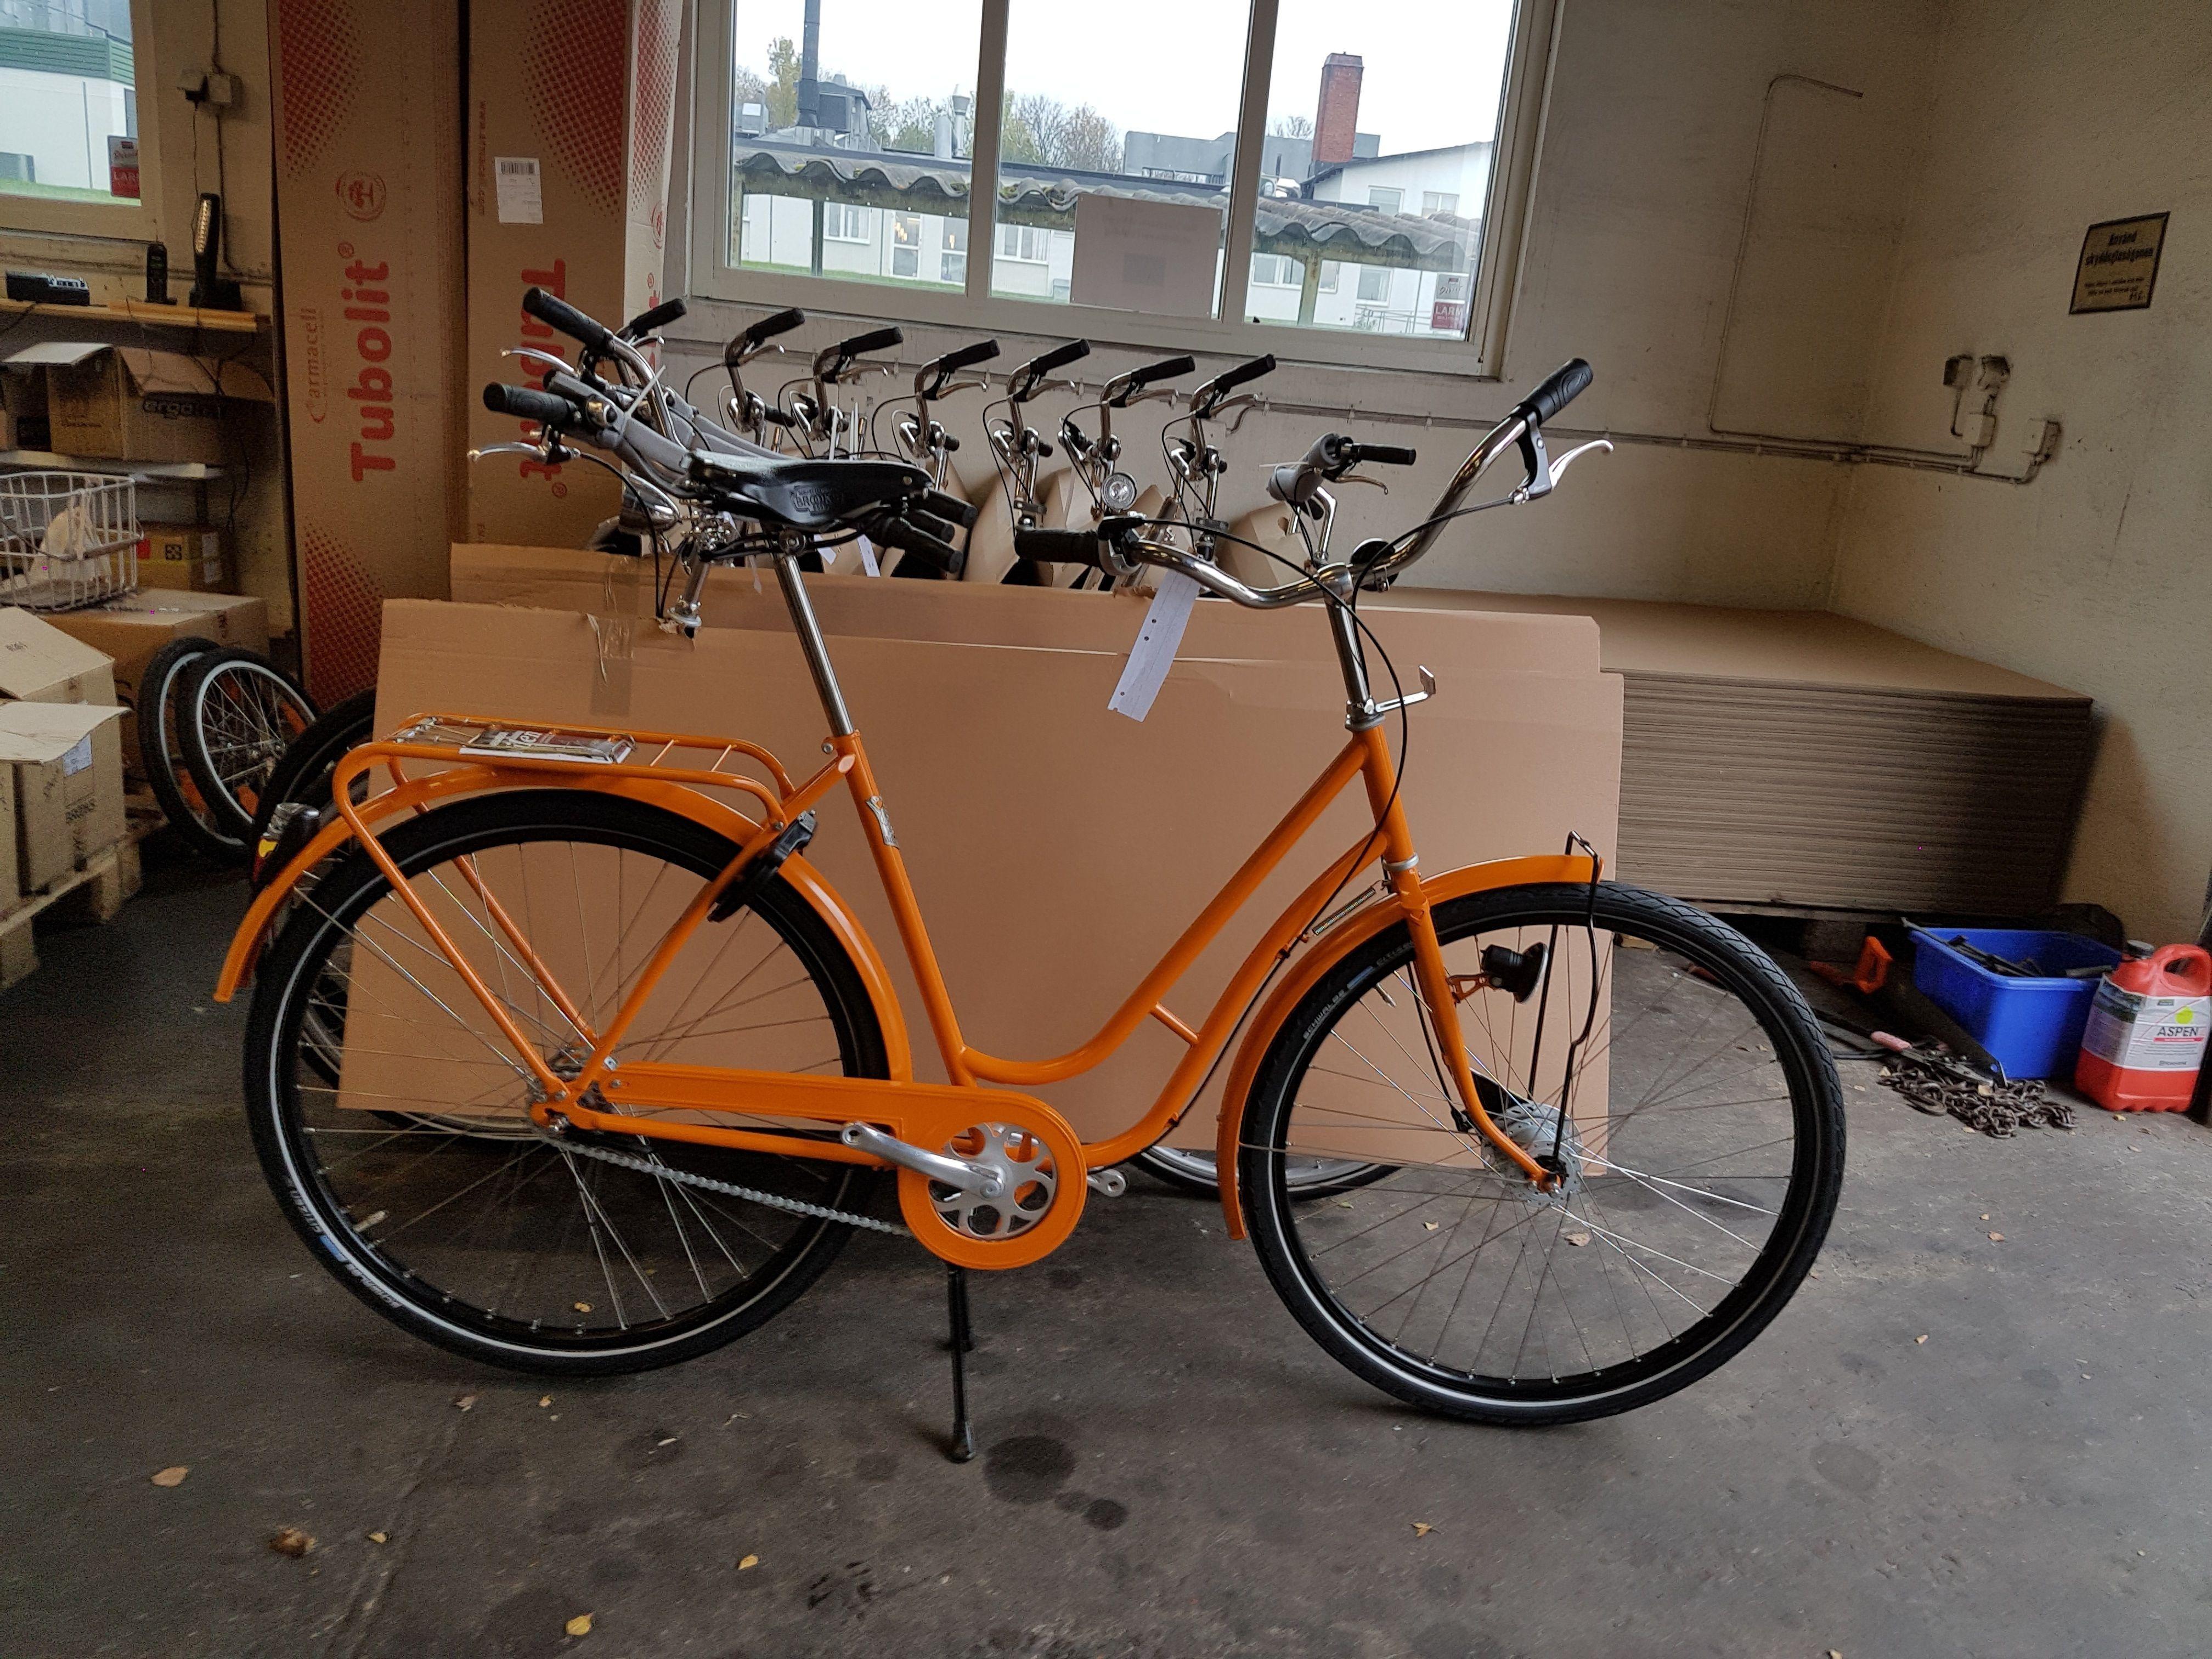 Pronto el color naranja será una opción a la hora de elegir tu nueva ...